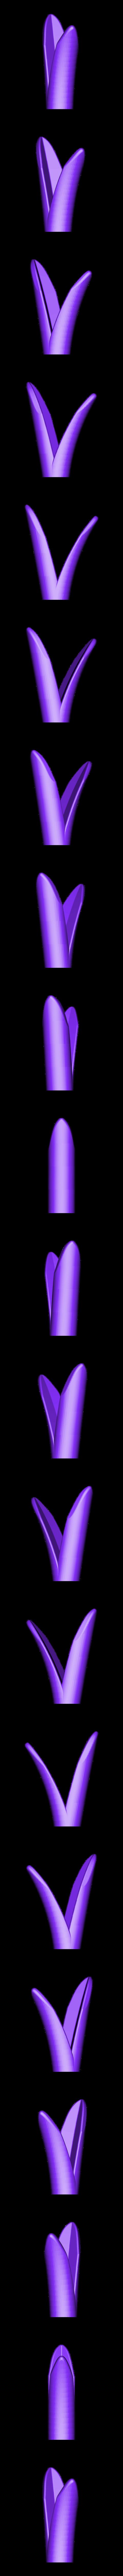 HAUT ANANAS 6.STL Télécharger fichier STL ANANAS • Modèle imprimable en 3D, BOUTIN